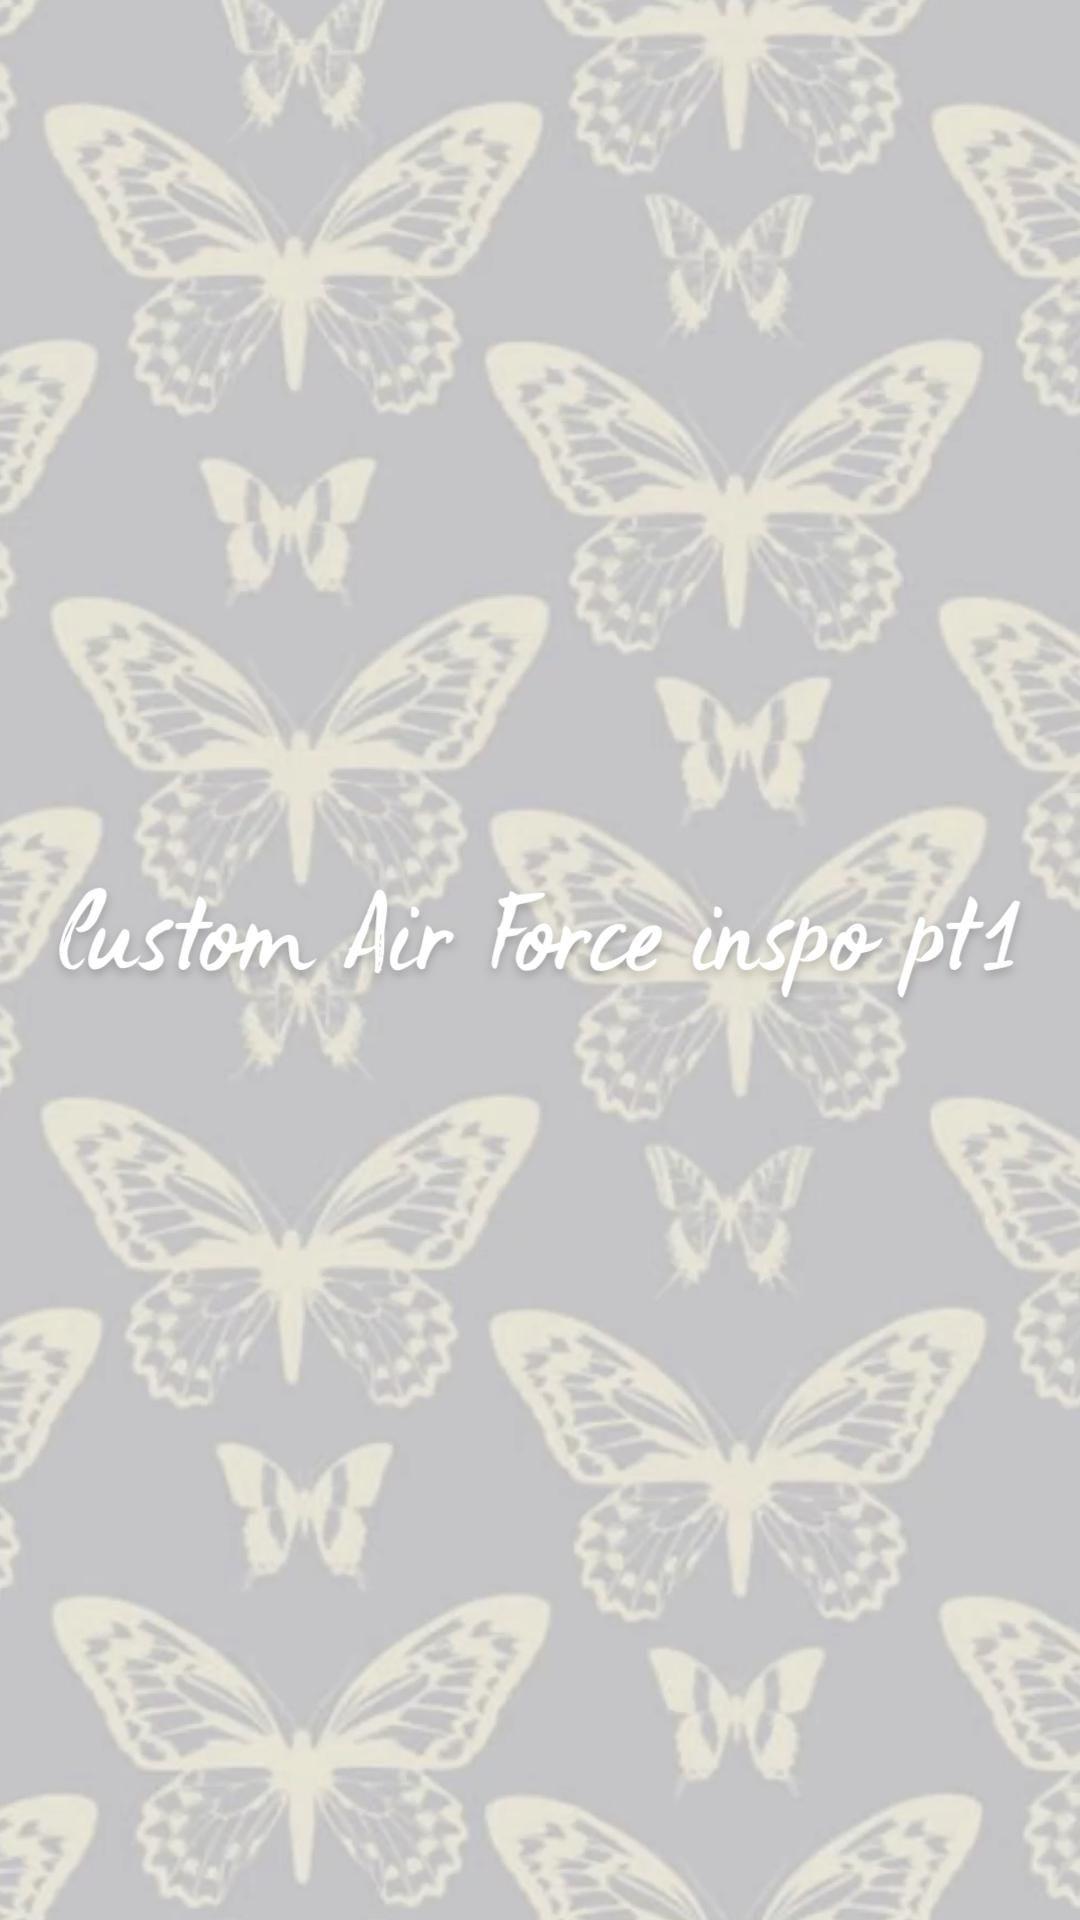 Custom Air Force inspo pt1